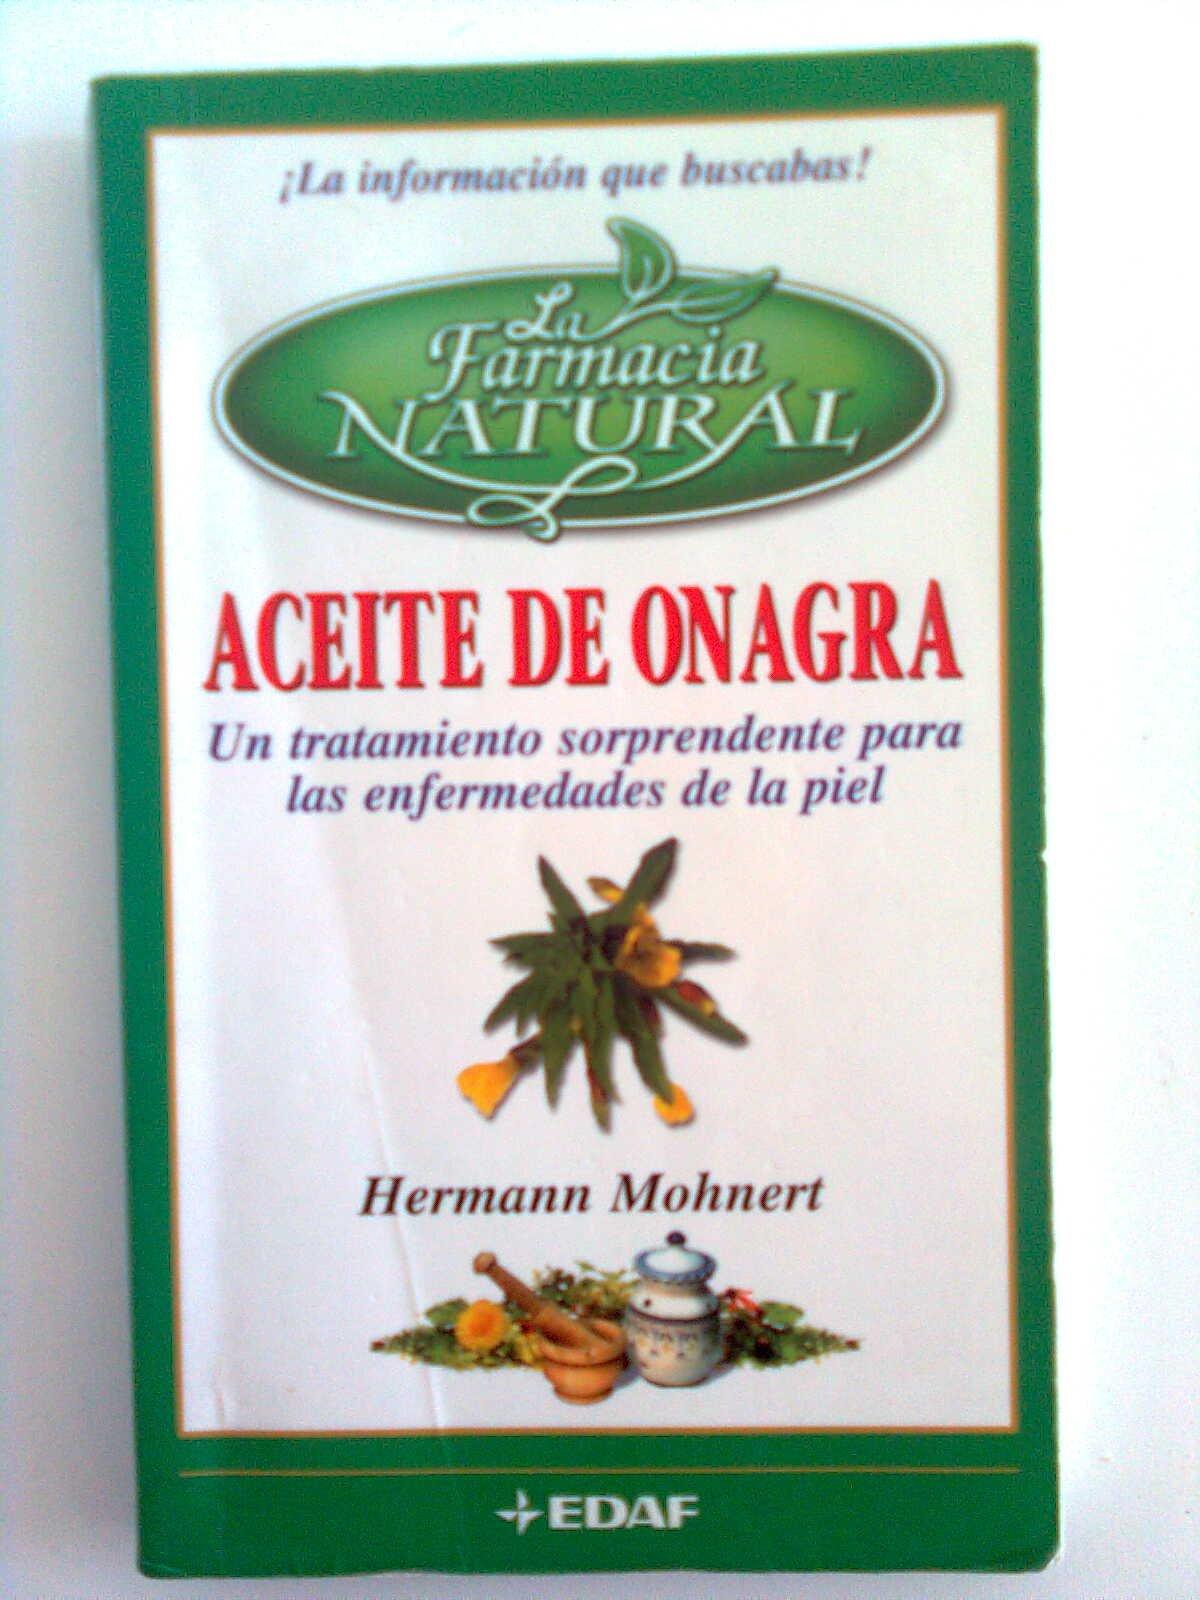 Aceite de onagra. un tratamiento sorprendente para las enfermedades de la piel: Amazon.es: Hermann Mohnert: Libros